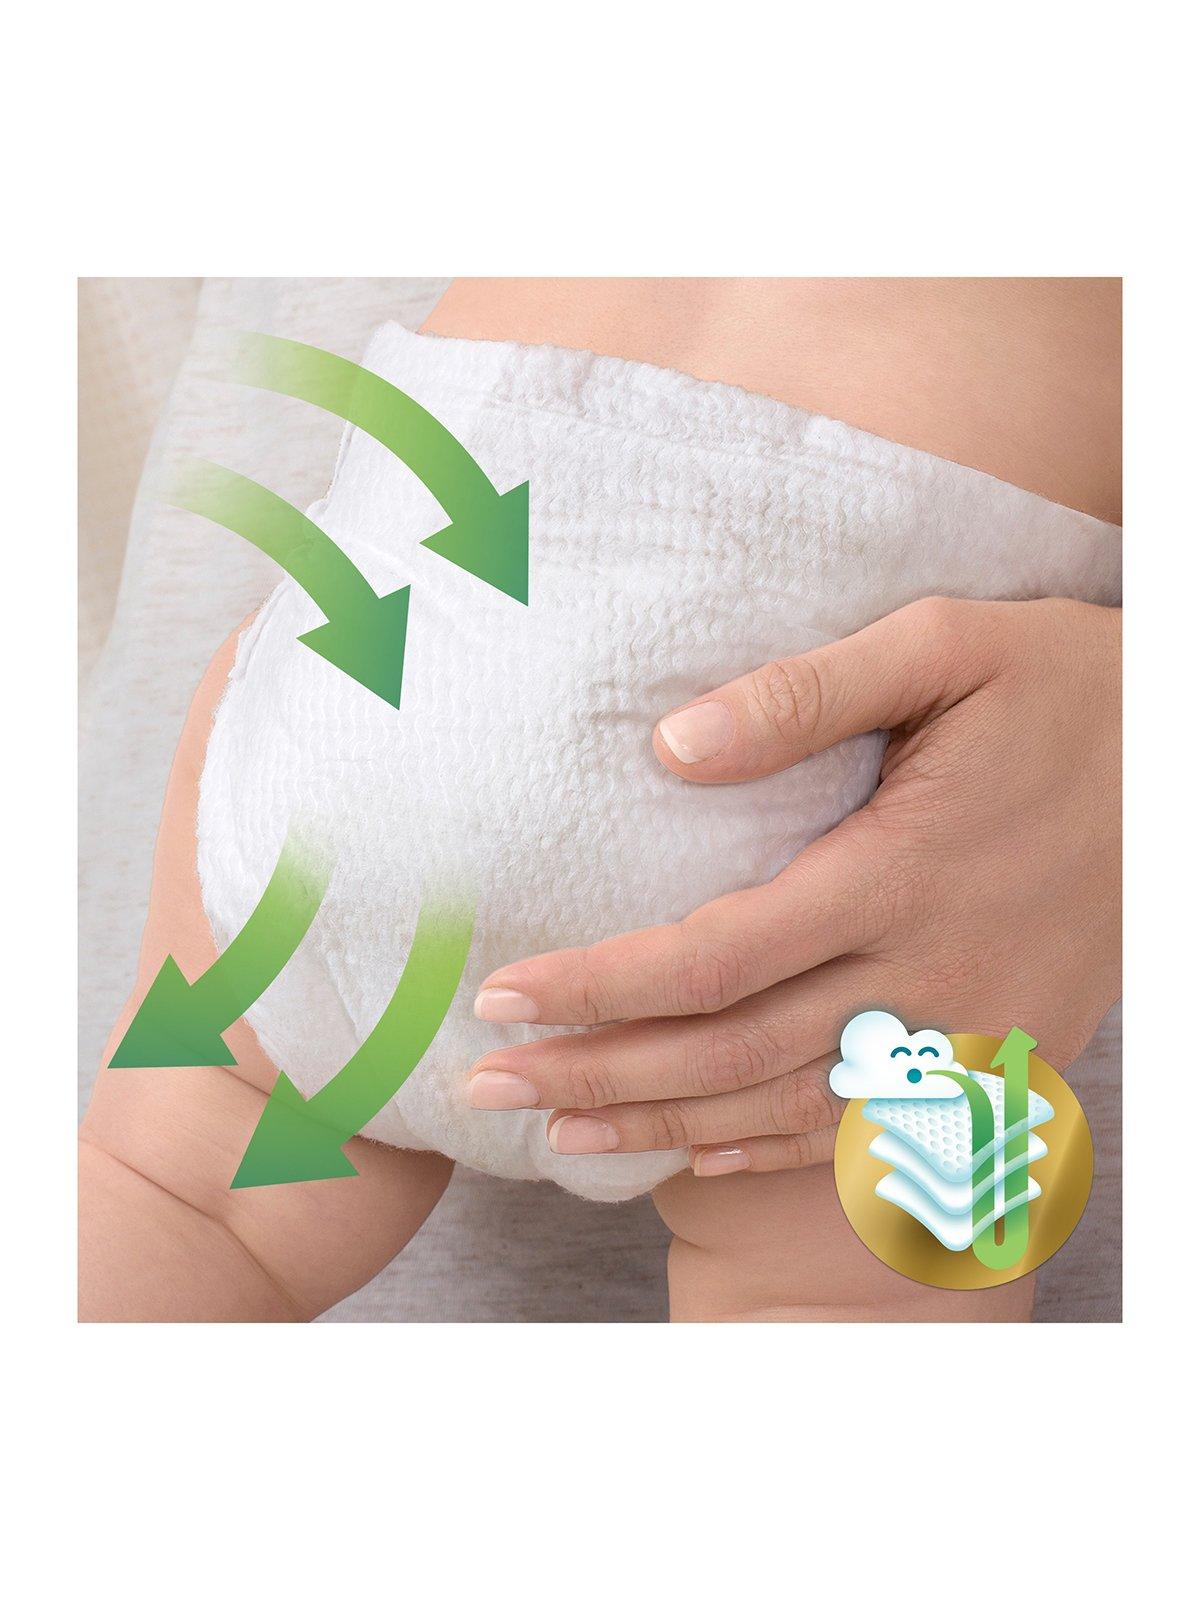 Підгузки Premium Care New Born - розмір 2 (для новонароджених) 3-6 кг (80 шт.) | 3670181 | фото 8